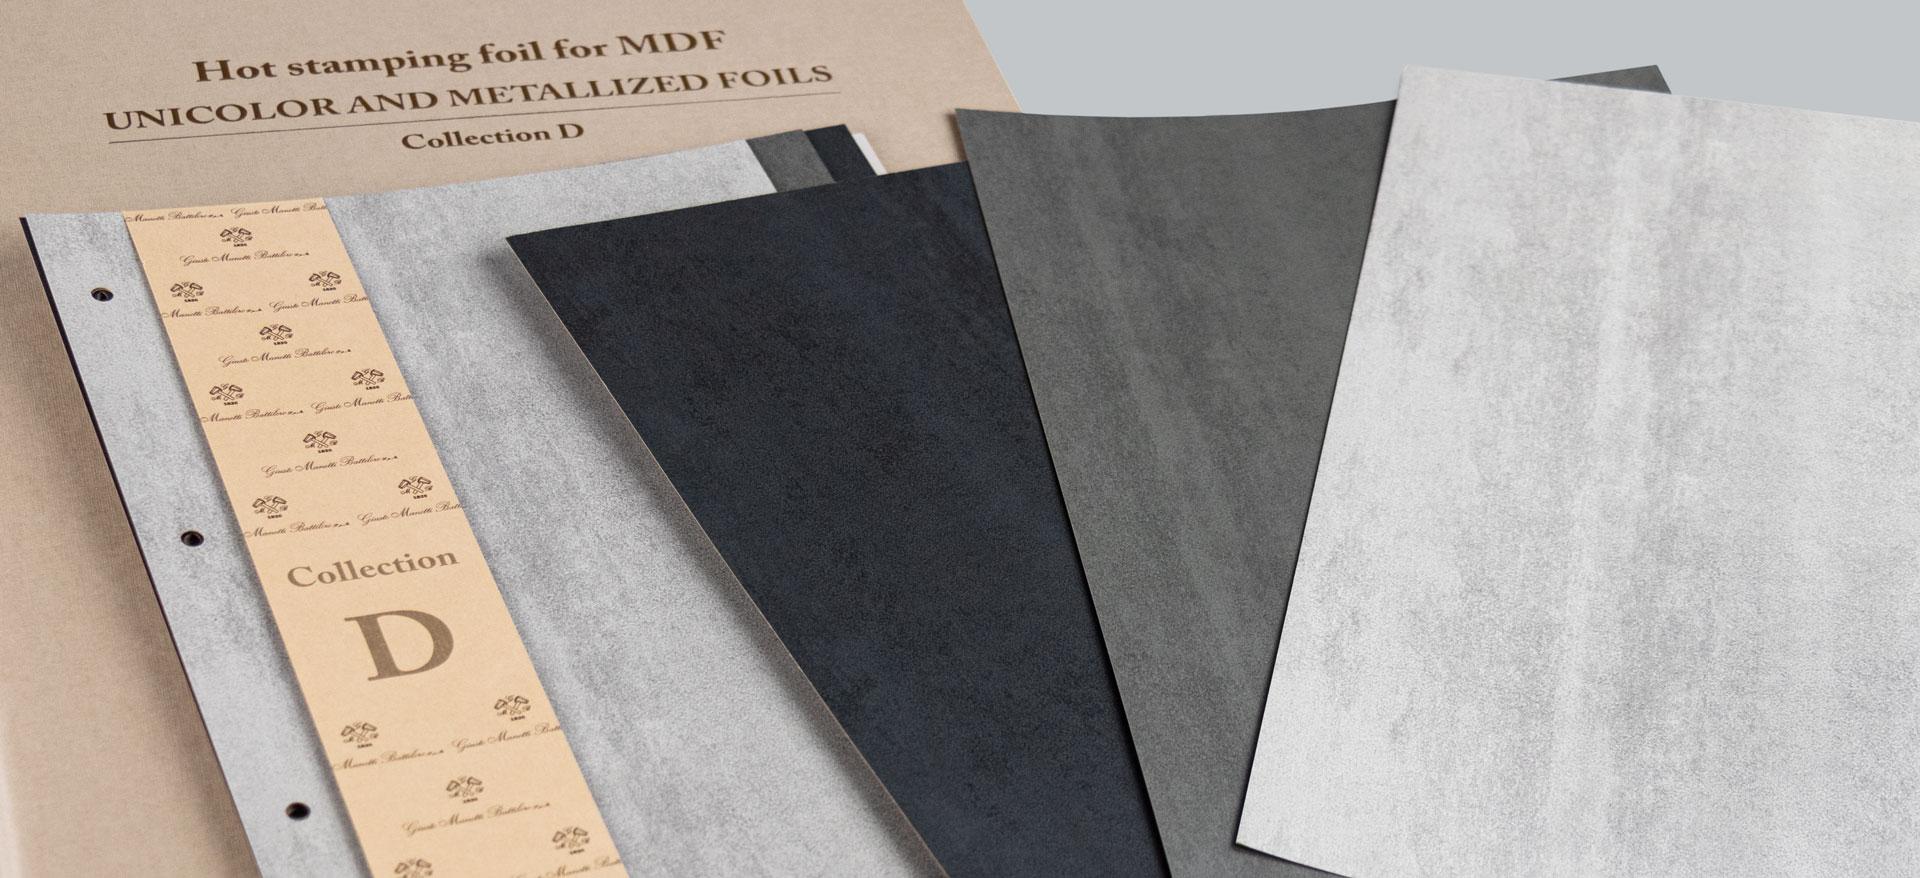 Catalogo Foil per MDF – Novità Autunno 2021